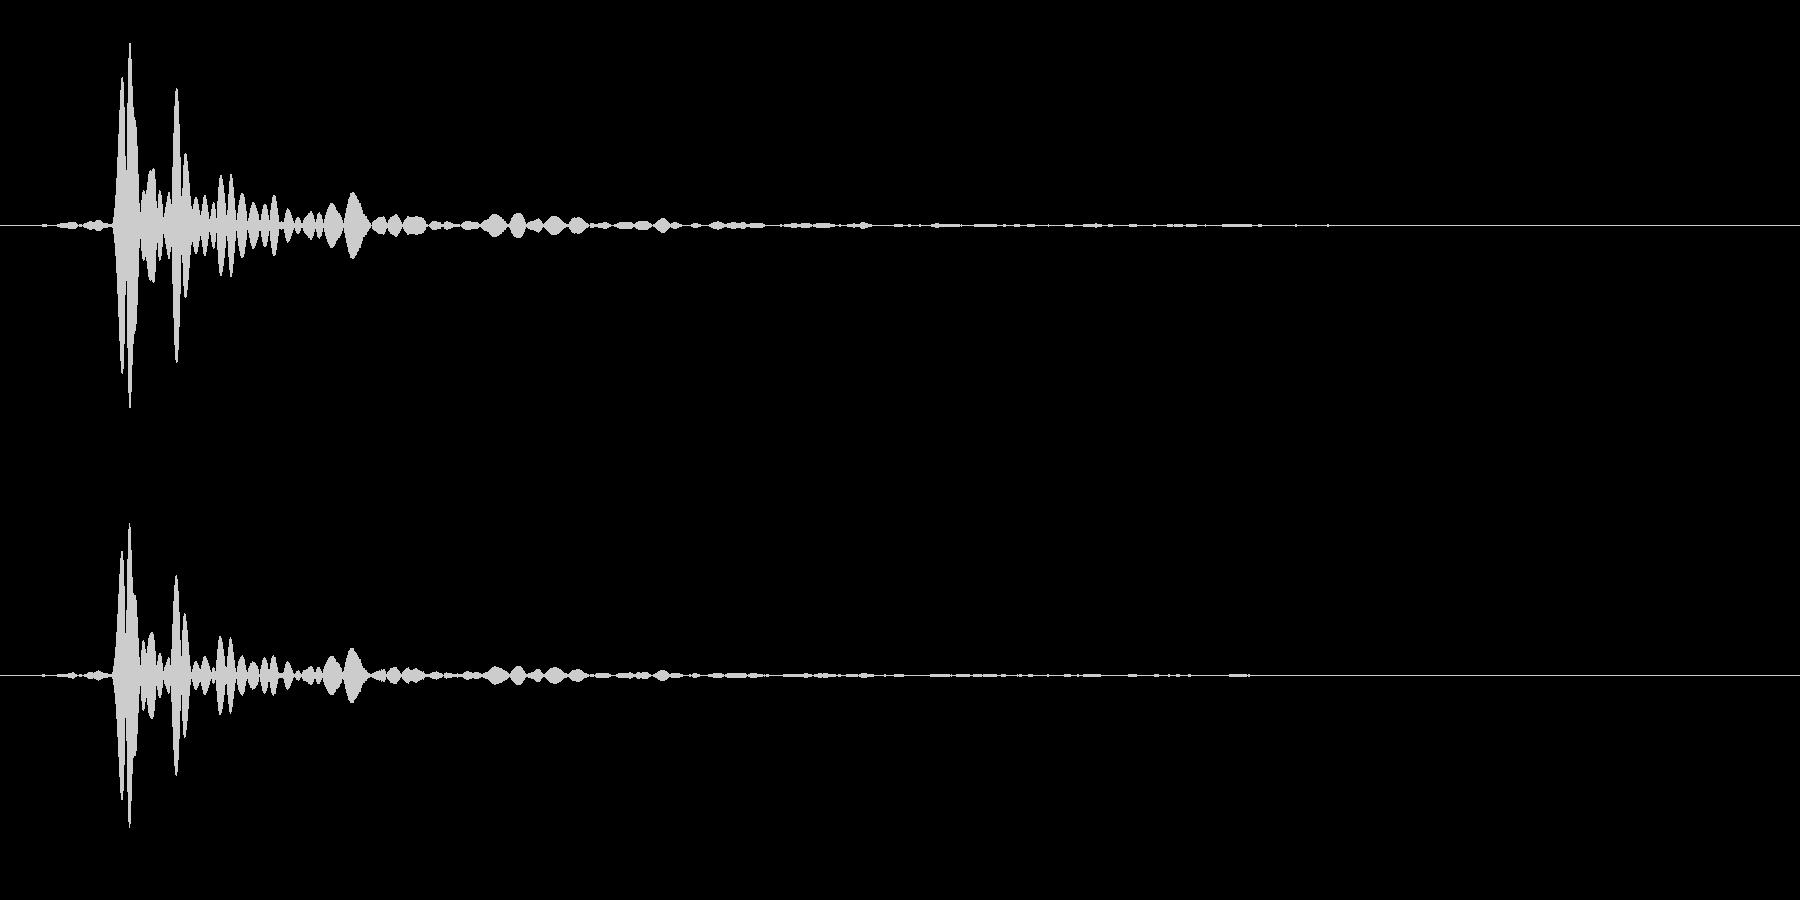 コトッと木製の机に物を置く音の未再生の波形